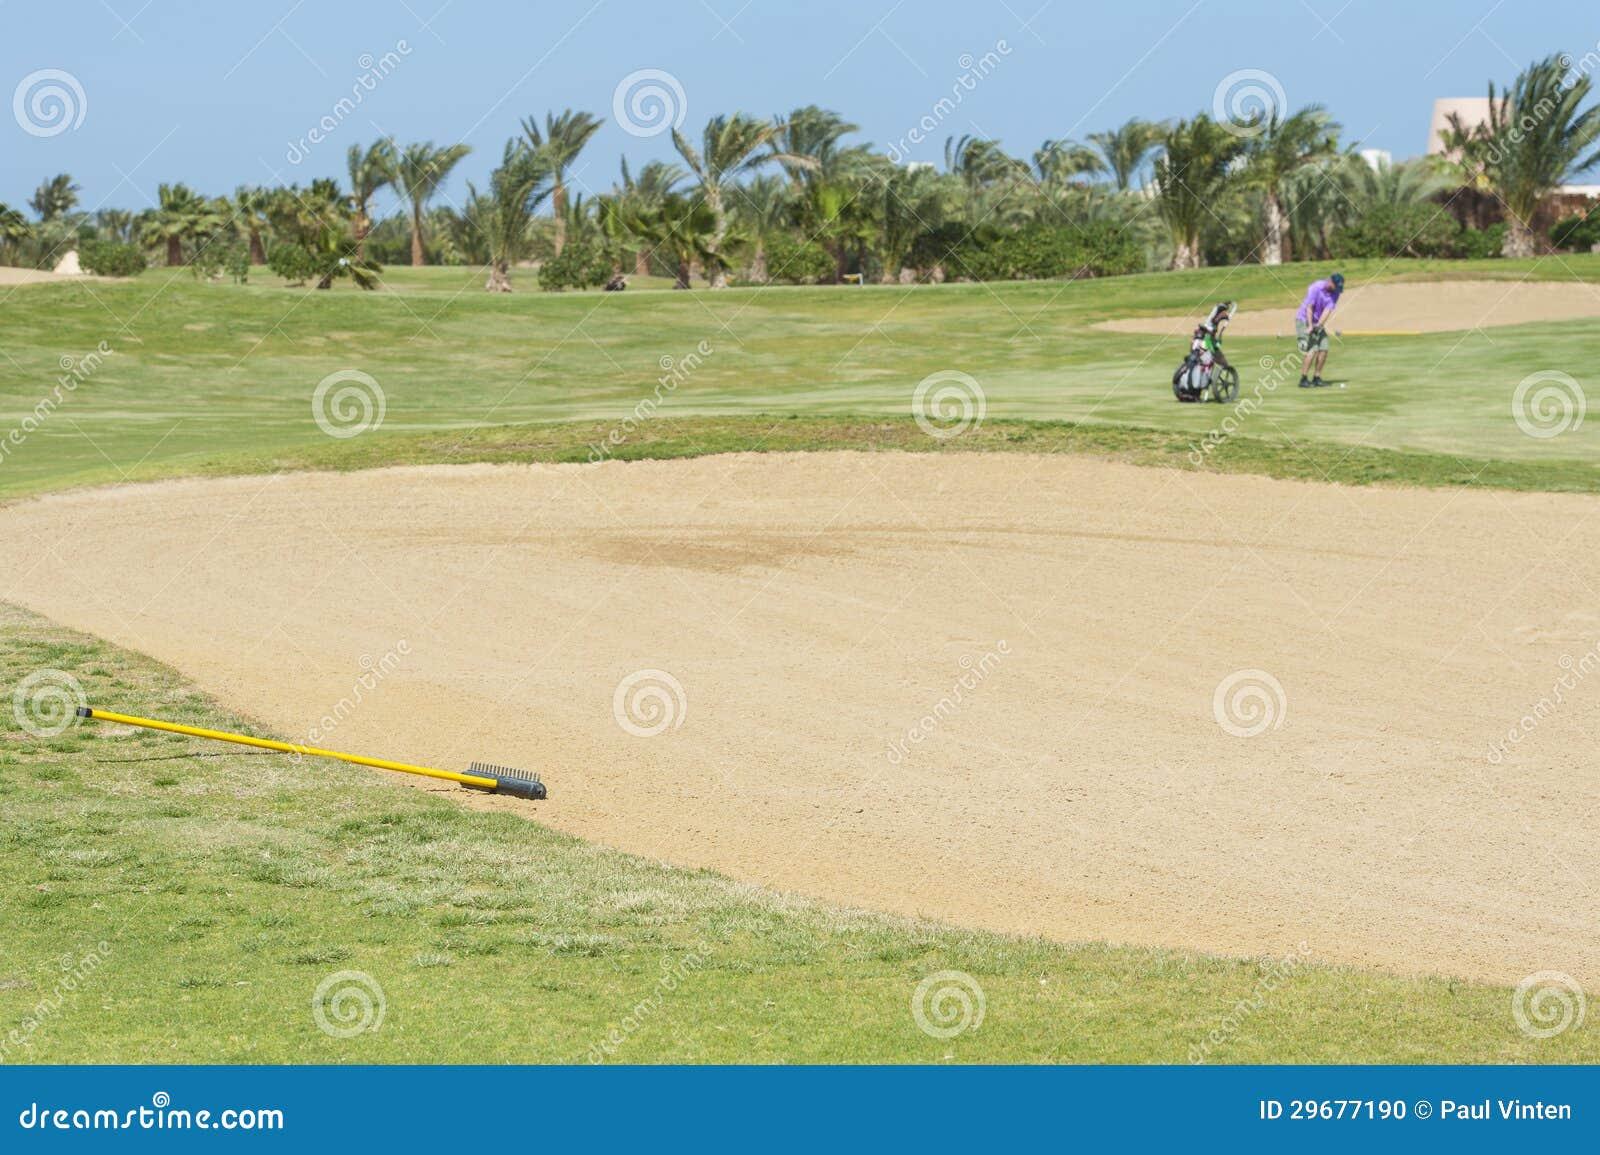 Дзот на поле для гольфа